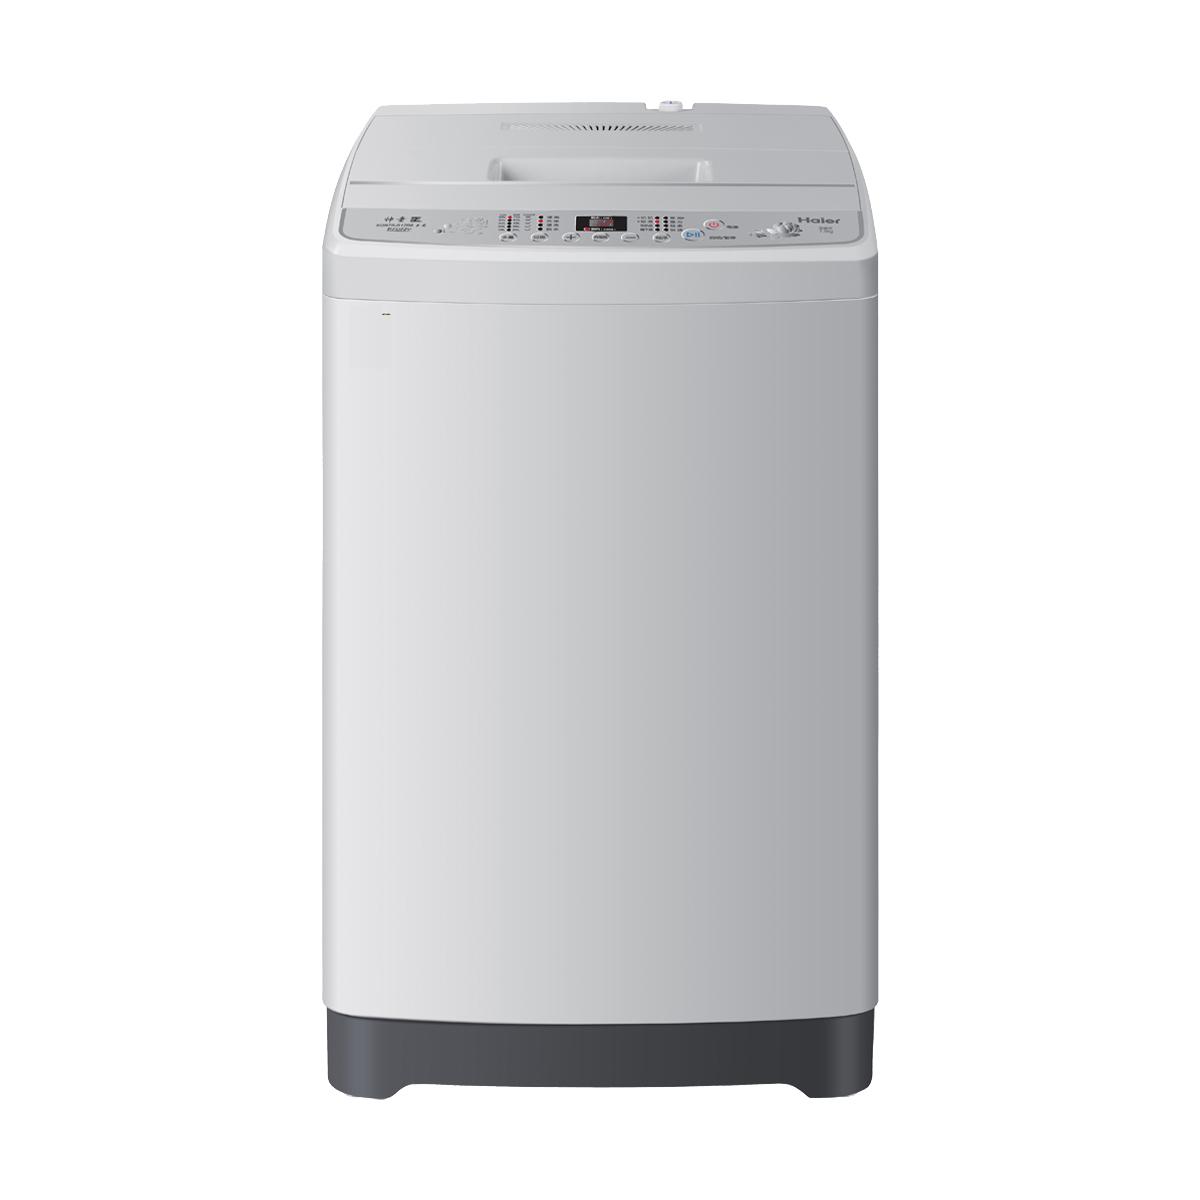 海尔Haier洗衣机 XQB75-S1268 说明书